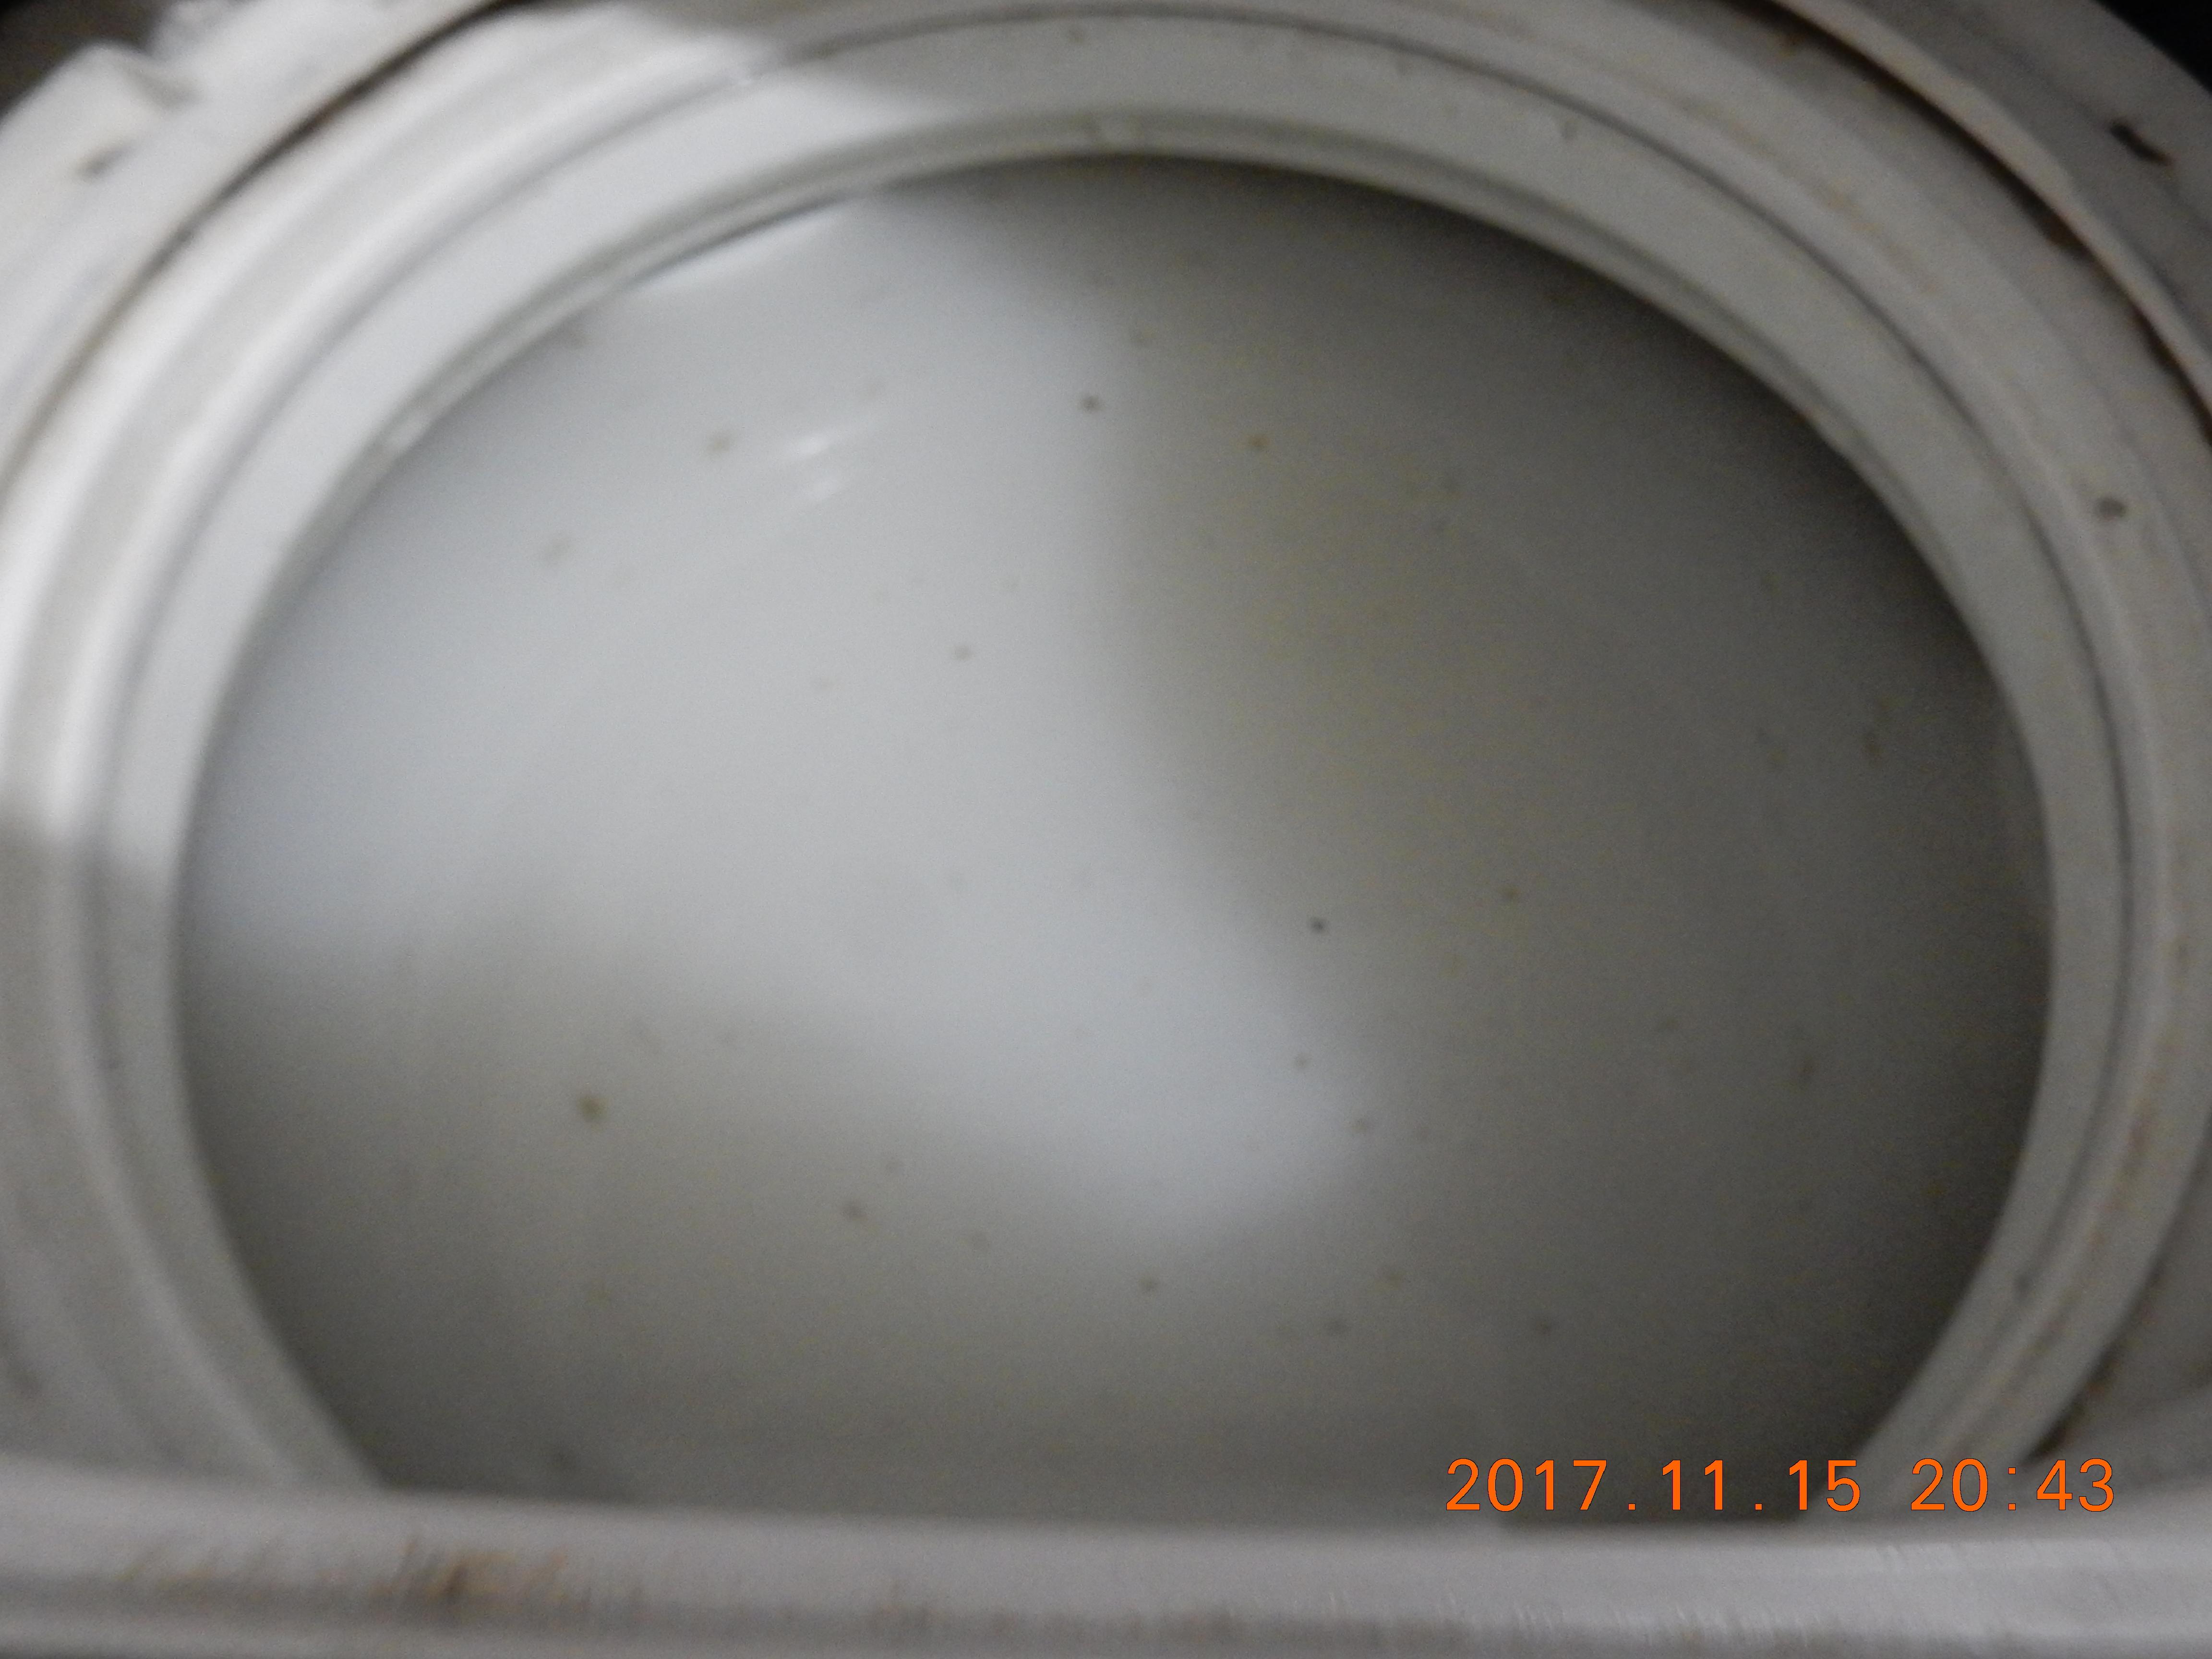 酸素系漂白剤で洗濯槽を掃除して出たごみ・汚れを除去したところ